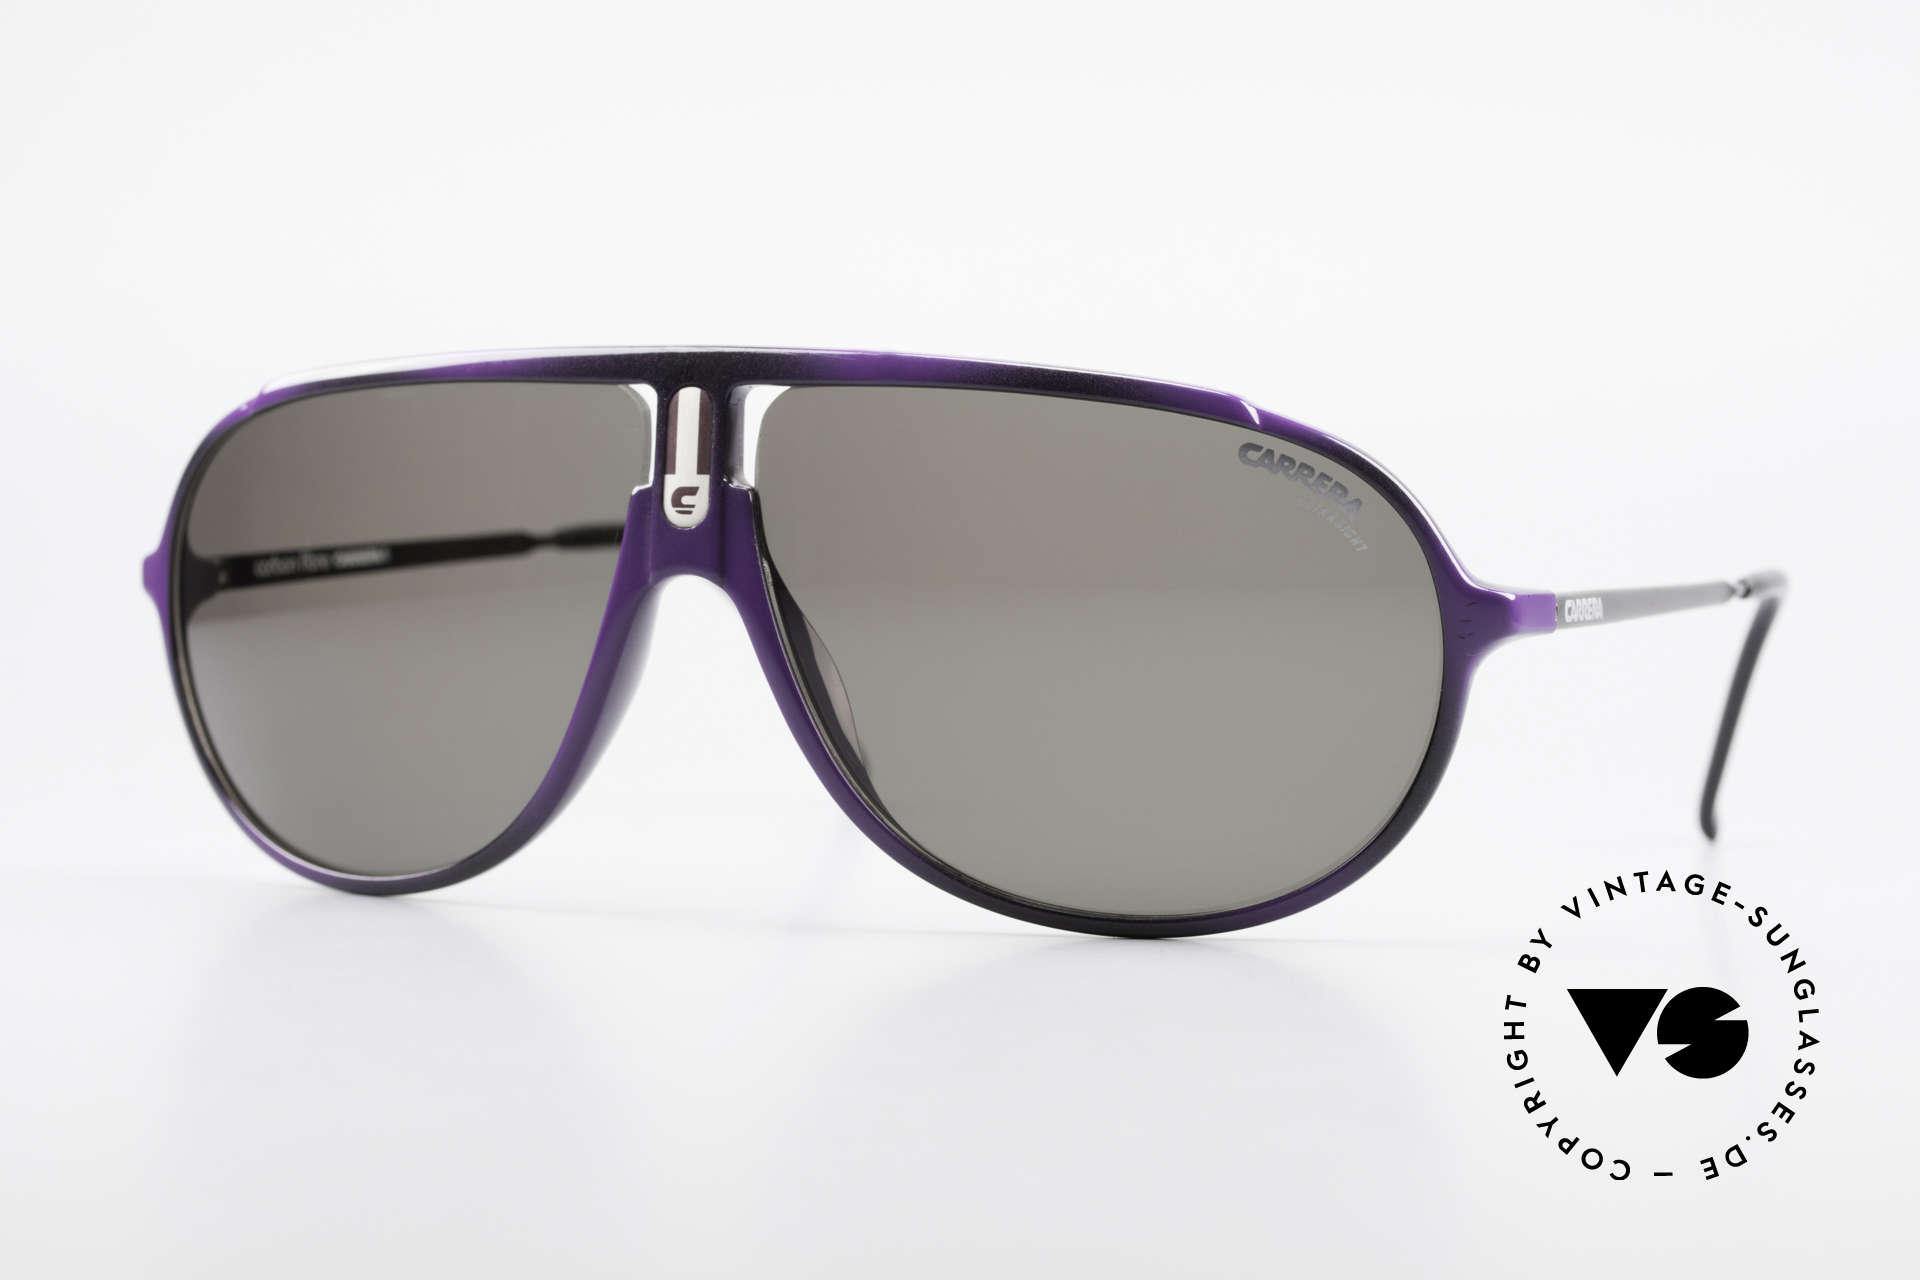 Carrera 5467 Carbon Fibre Brille Kohlefaser, hochwertiges vintage CARRERA Modell der 80er, Passend für Herren